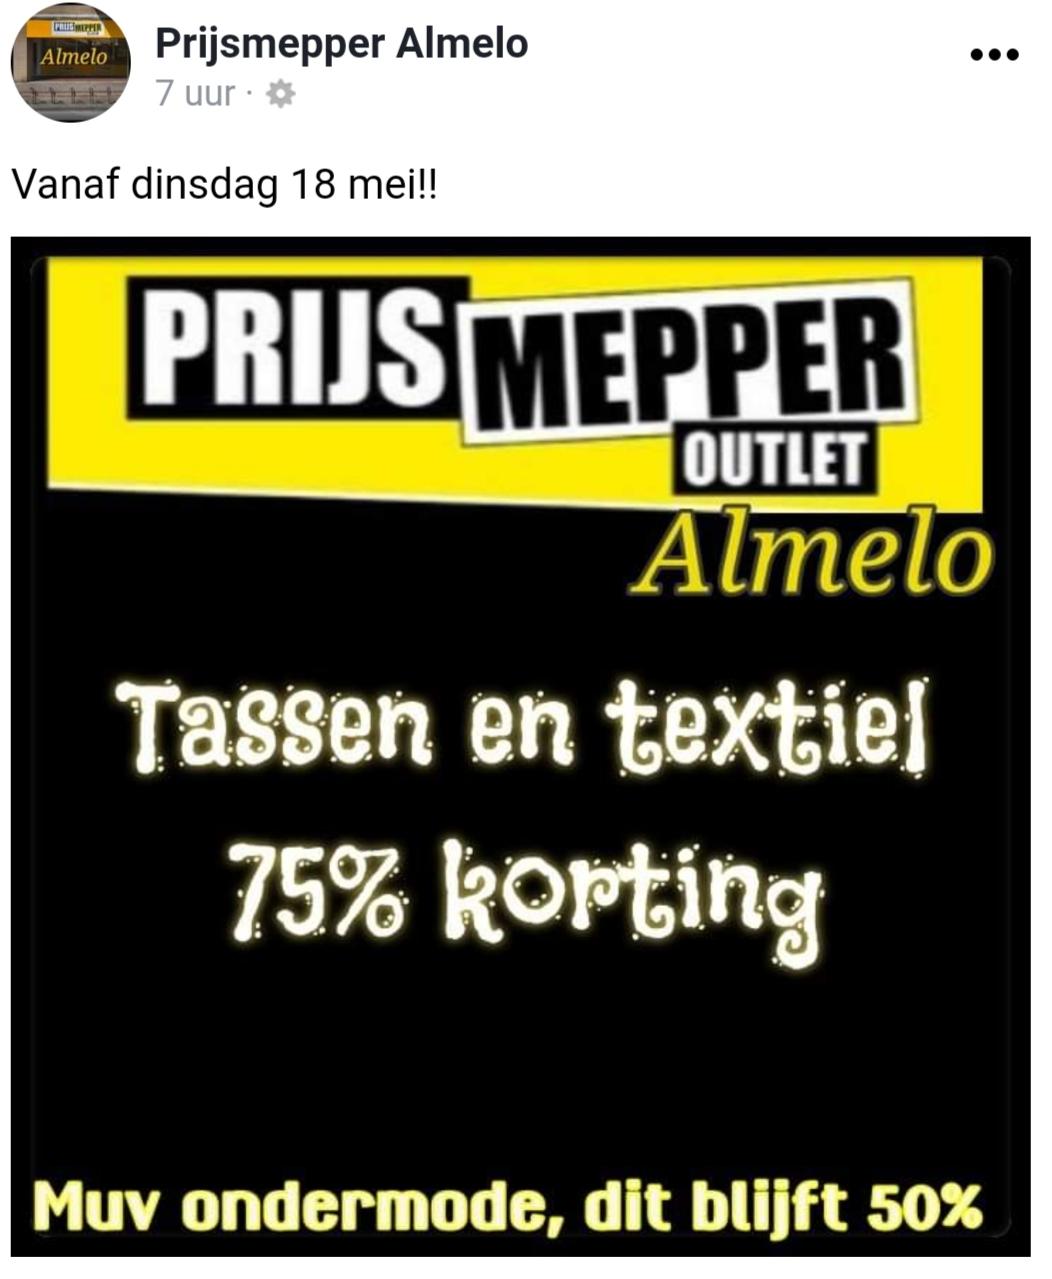 Prijsmepper outlet Almelo Tassen en textiel 75% korting Lokaal